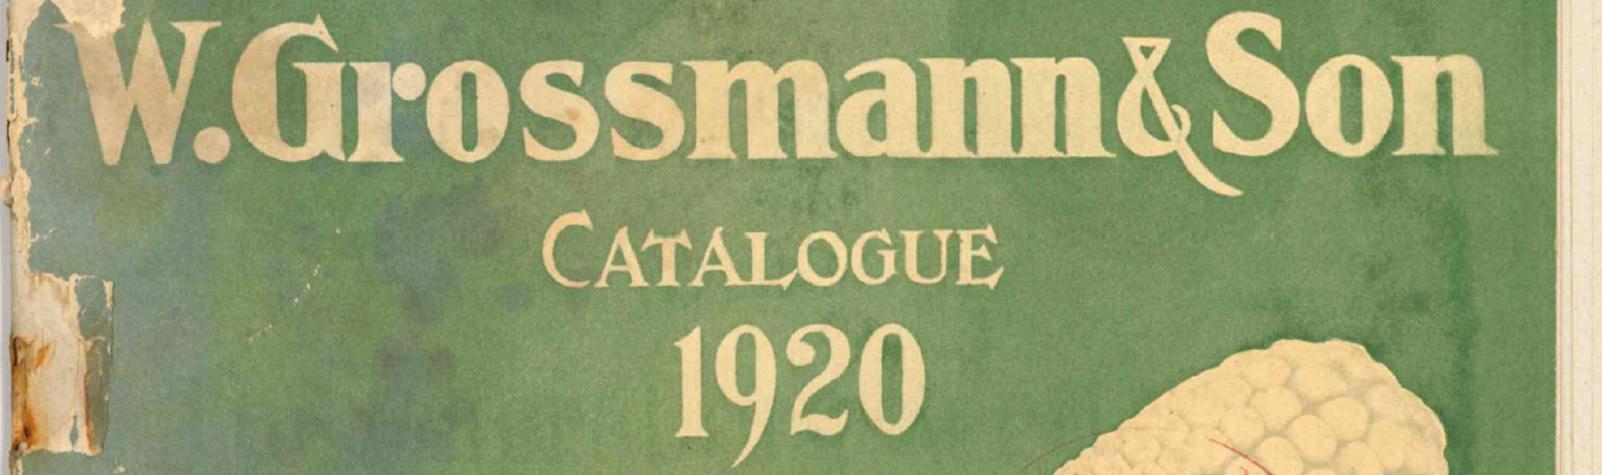 """""""A Prosperous Season"""": The 1920 W. Grossmann and Son's Seed Catalog"""